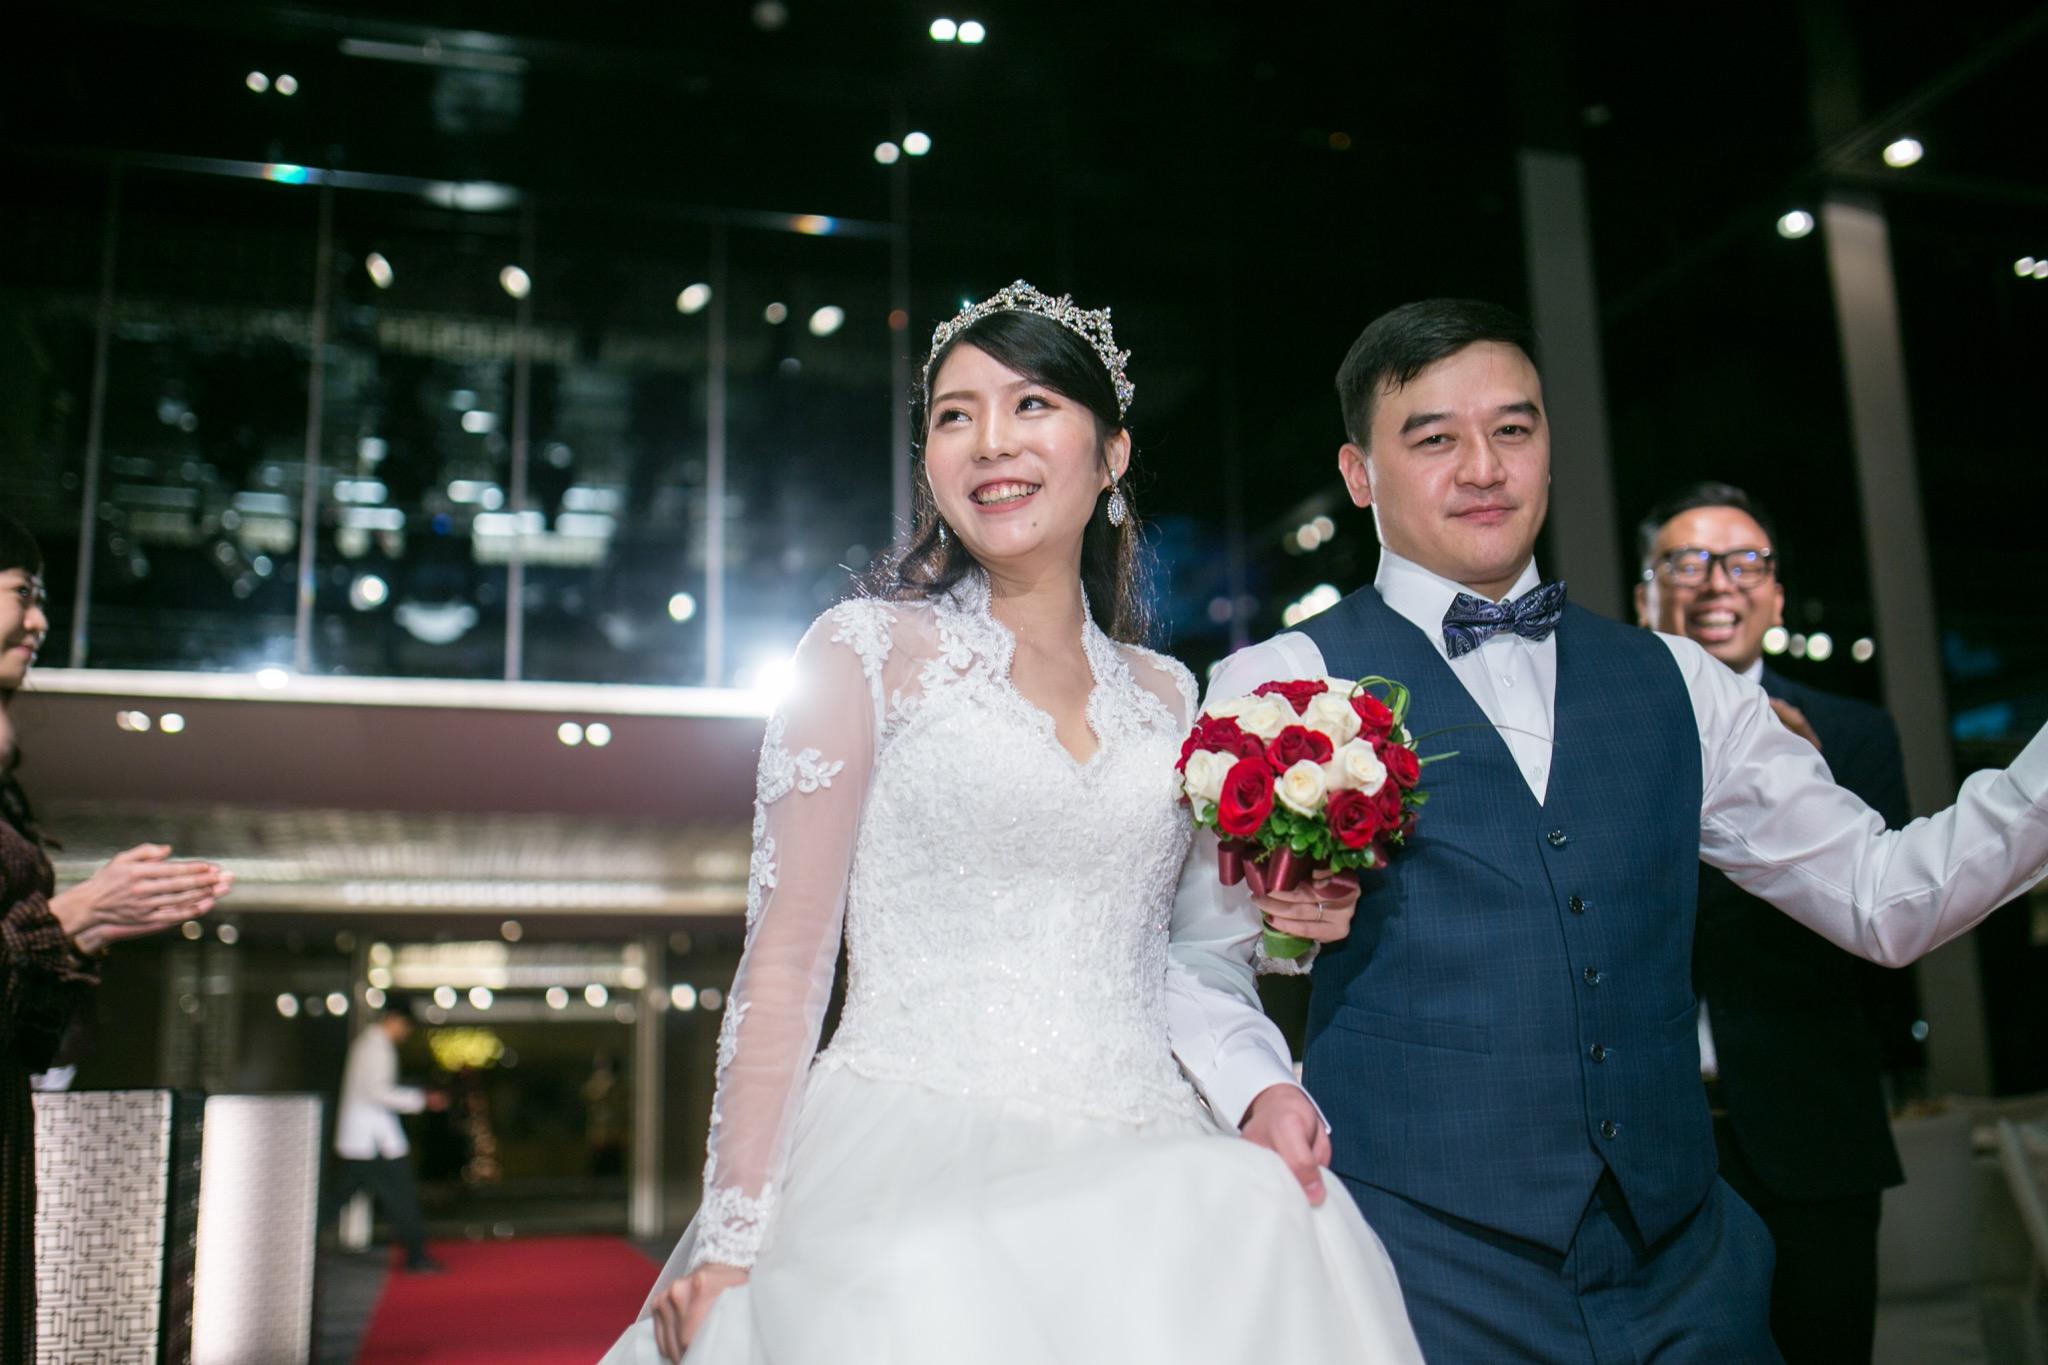 台北晶華酒店婚禮儀式,台中婚錄推薦34